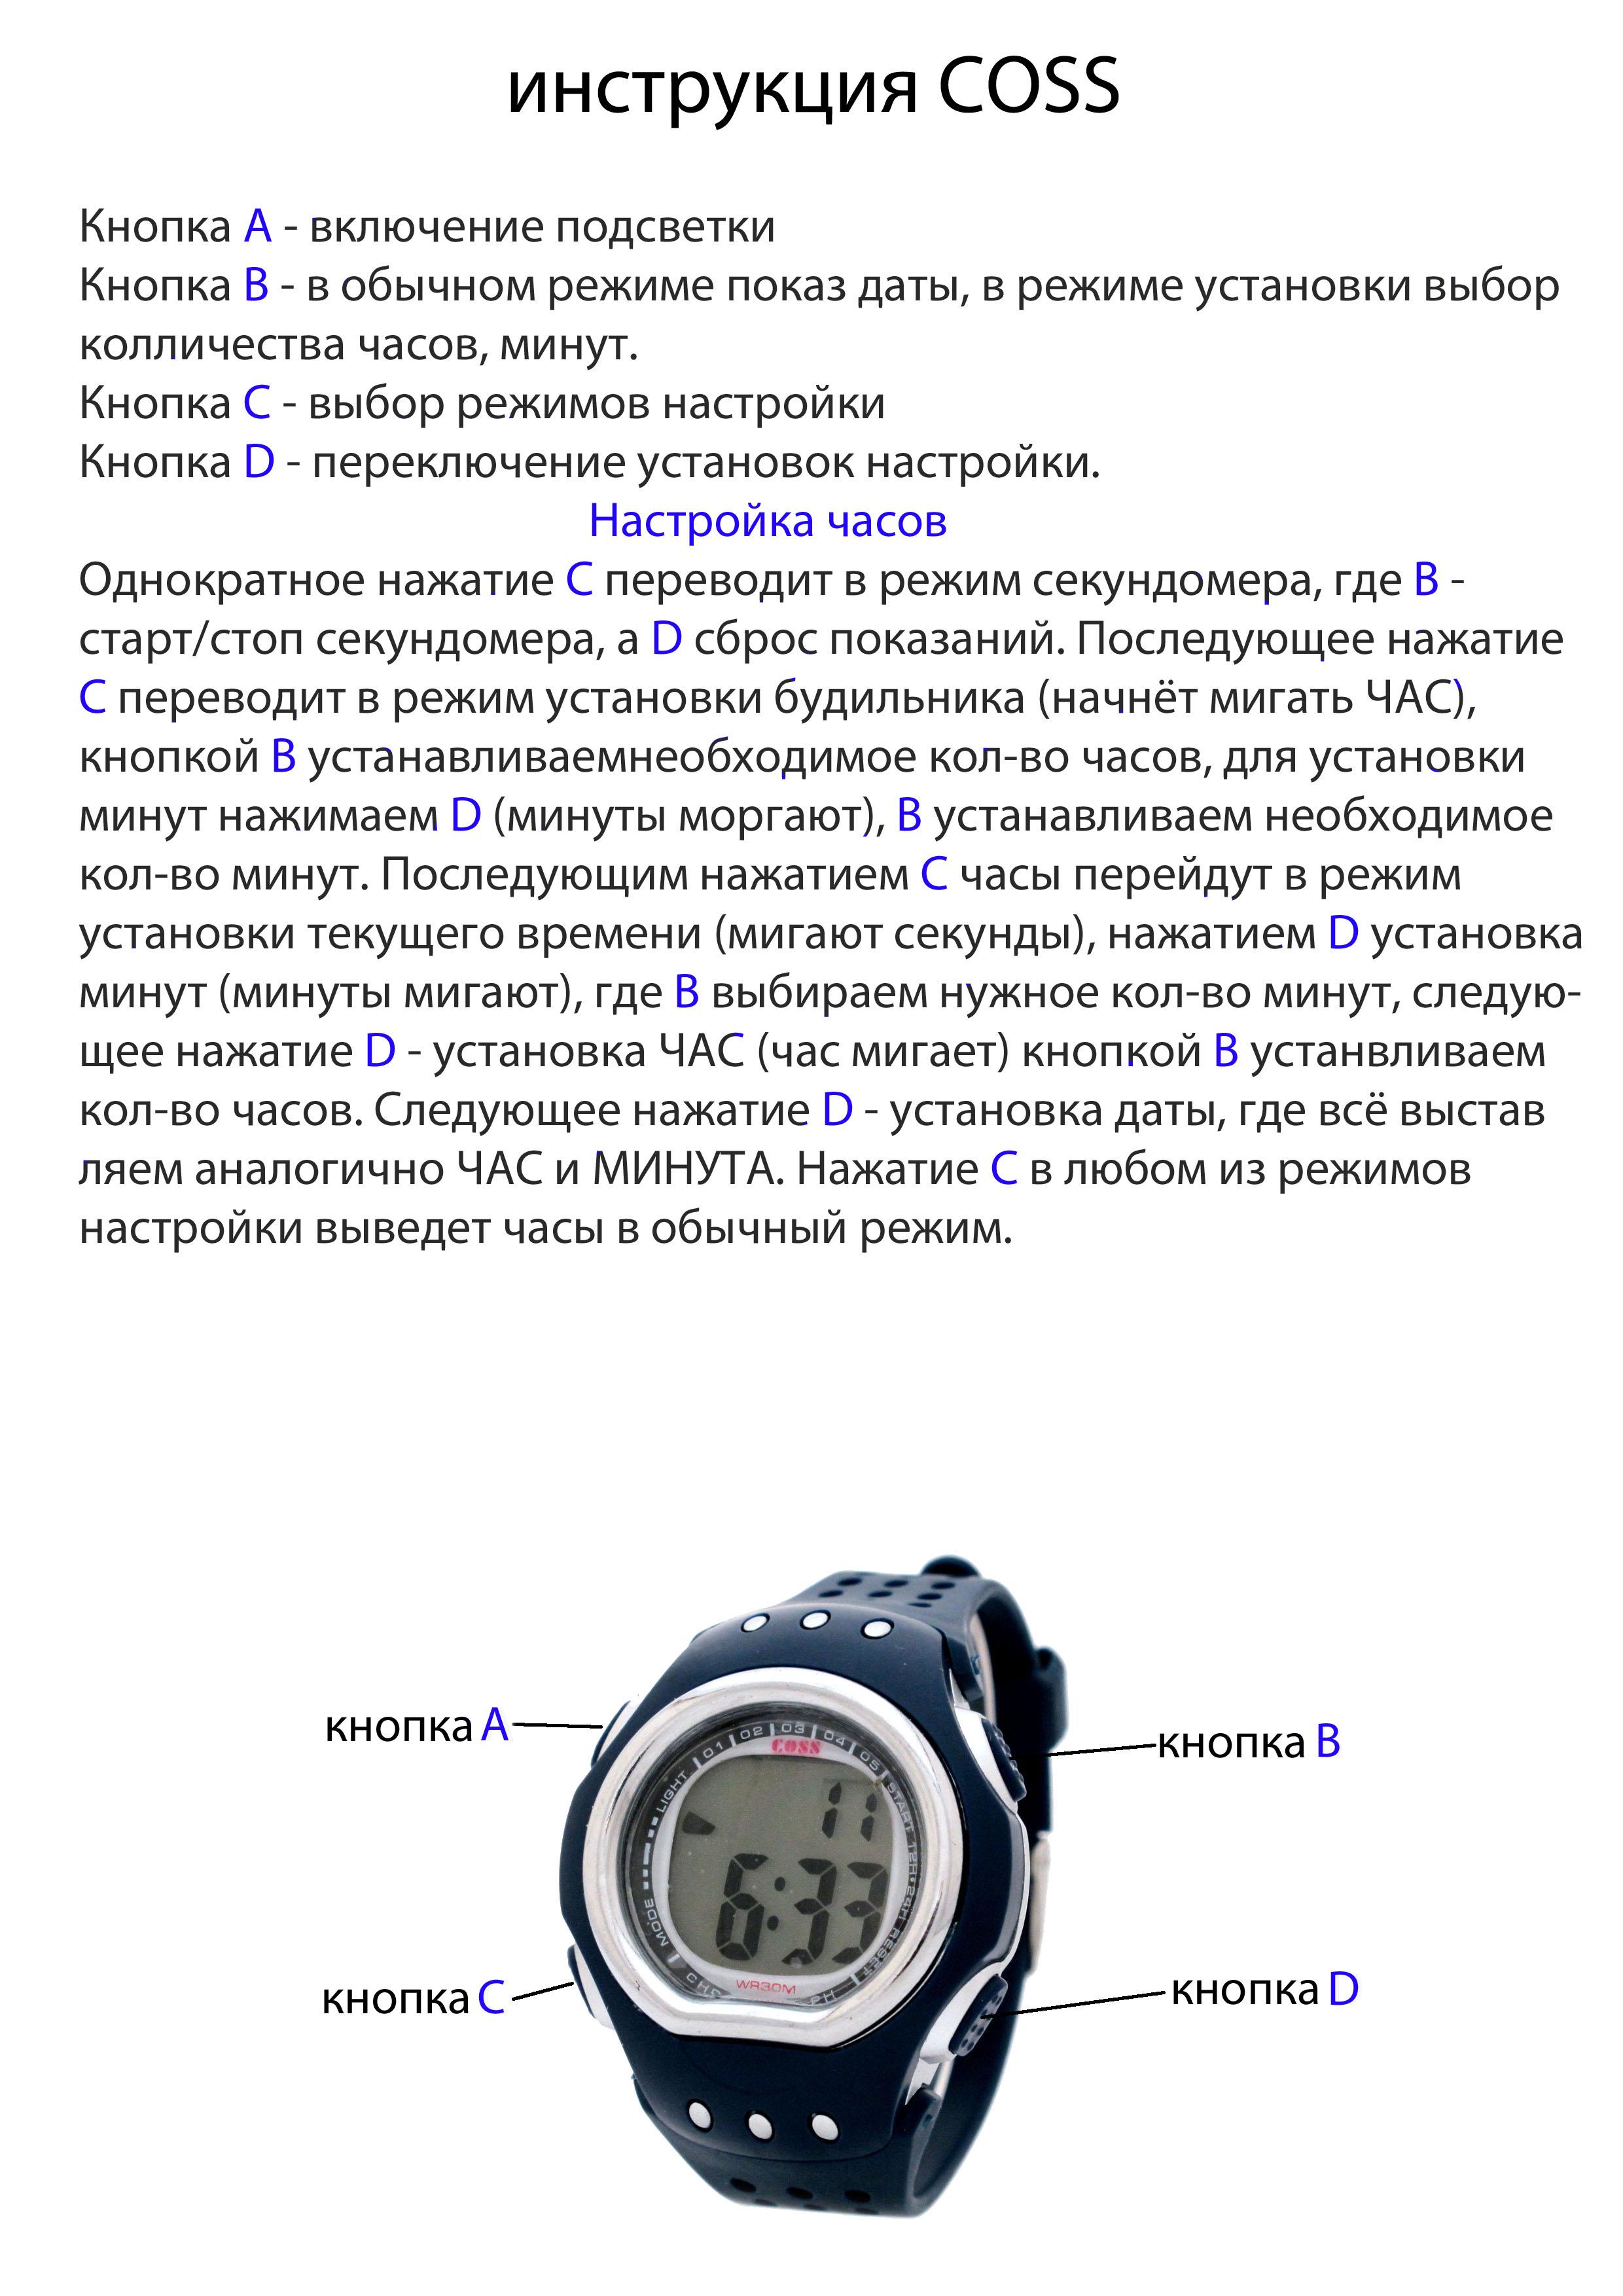 Умные часы i'm watch были созданы итальянской компанией i'm watch.